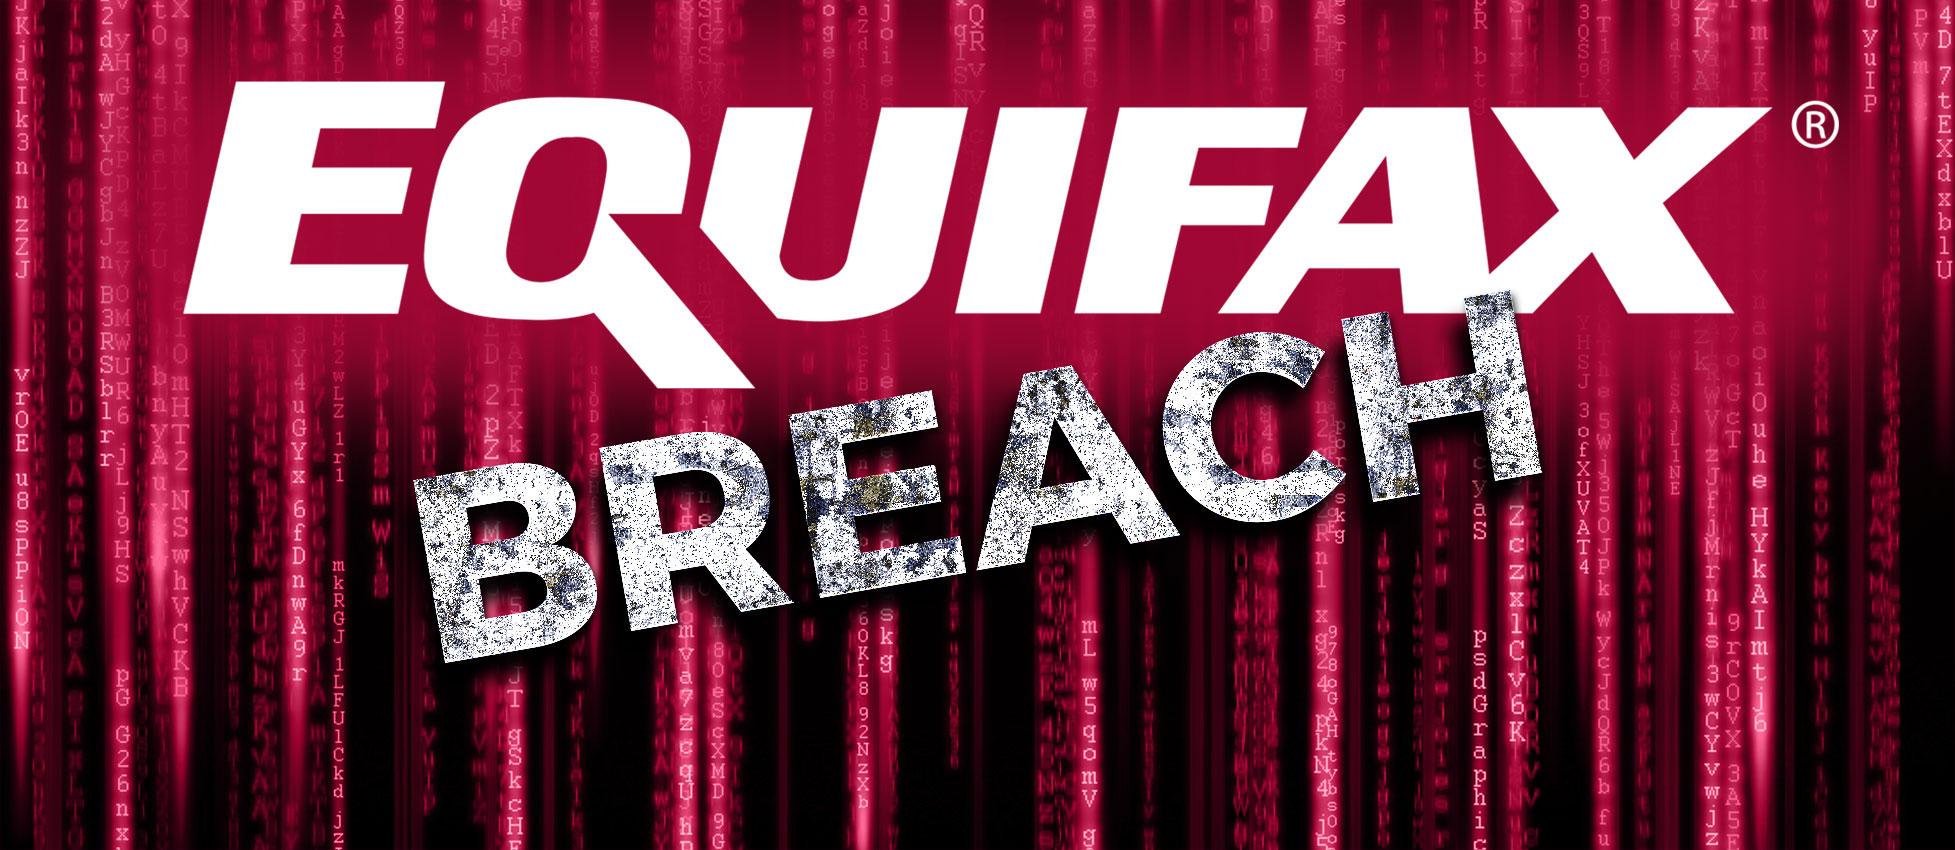 equifax-breach-data-identify-theft_1508810805684.jpg